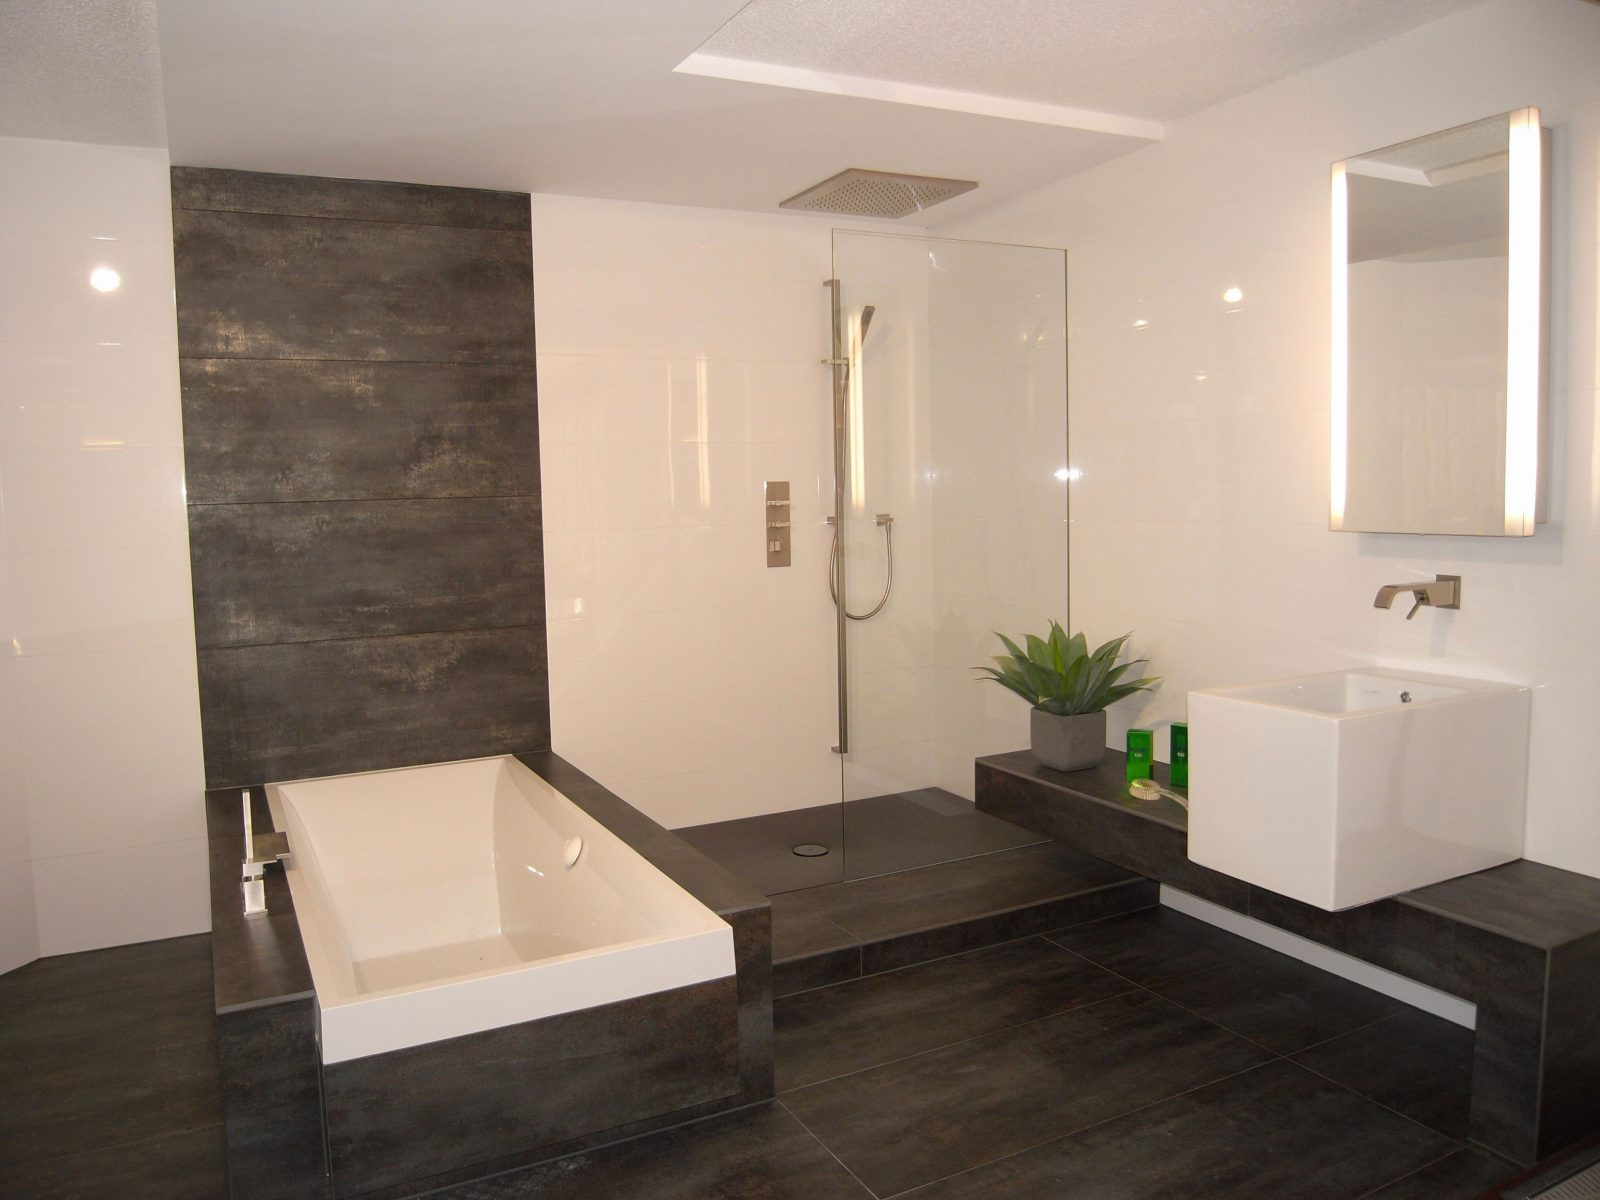 Gäste Wc Gestalten Ohne Fliesen Elegant Bad Wand Ideen Idee von Badezimmer Ideen Ohne Fliesen Photo